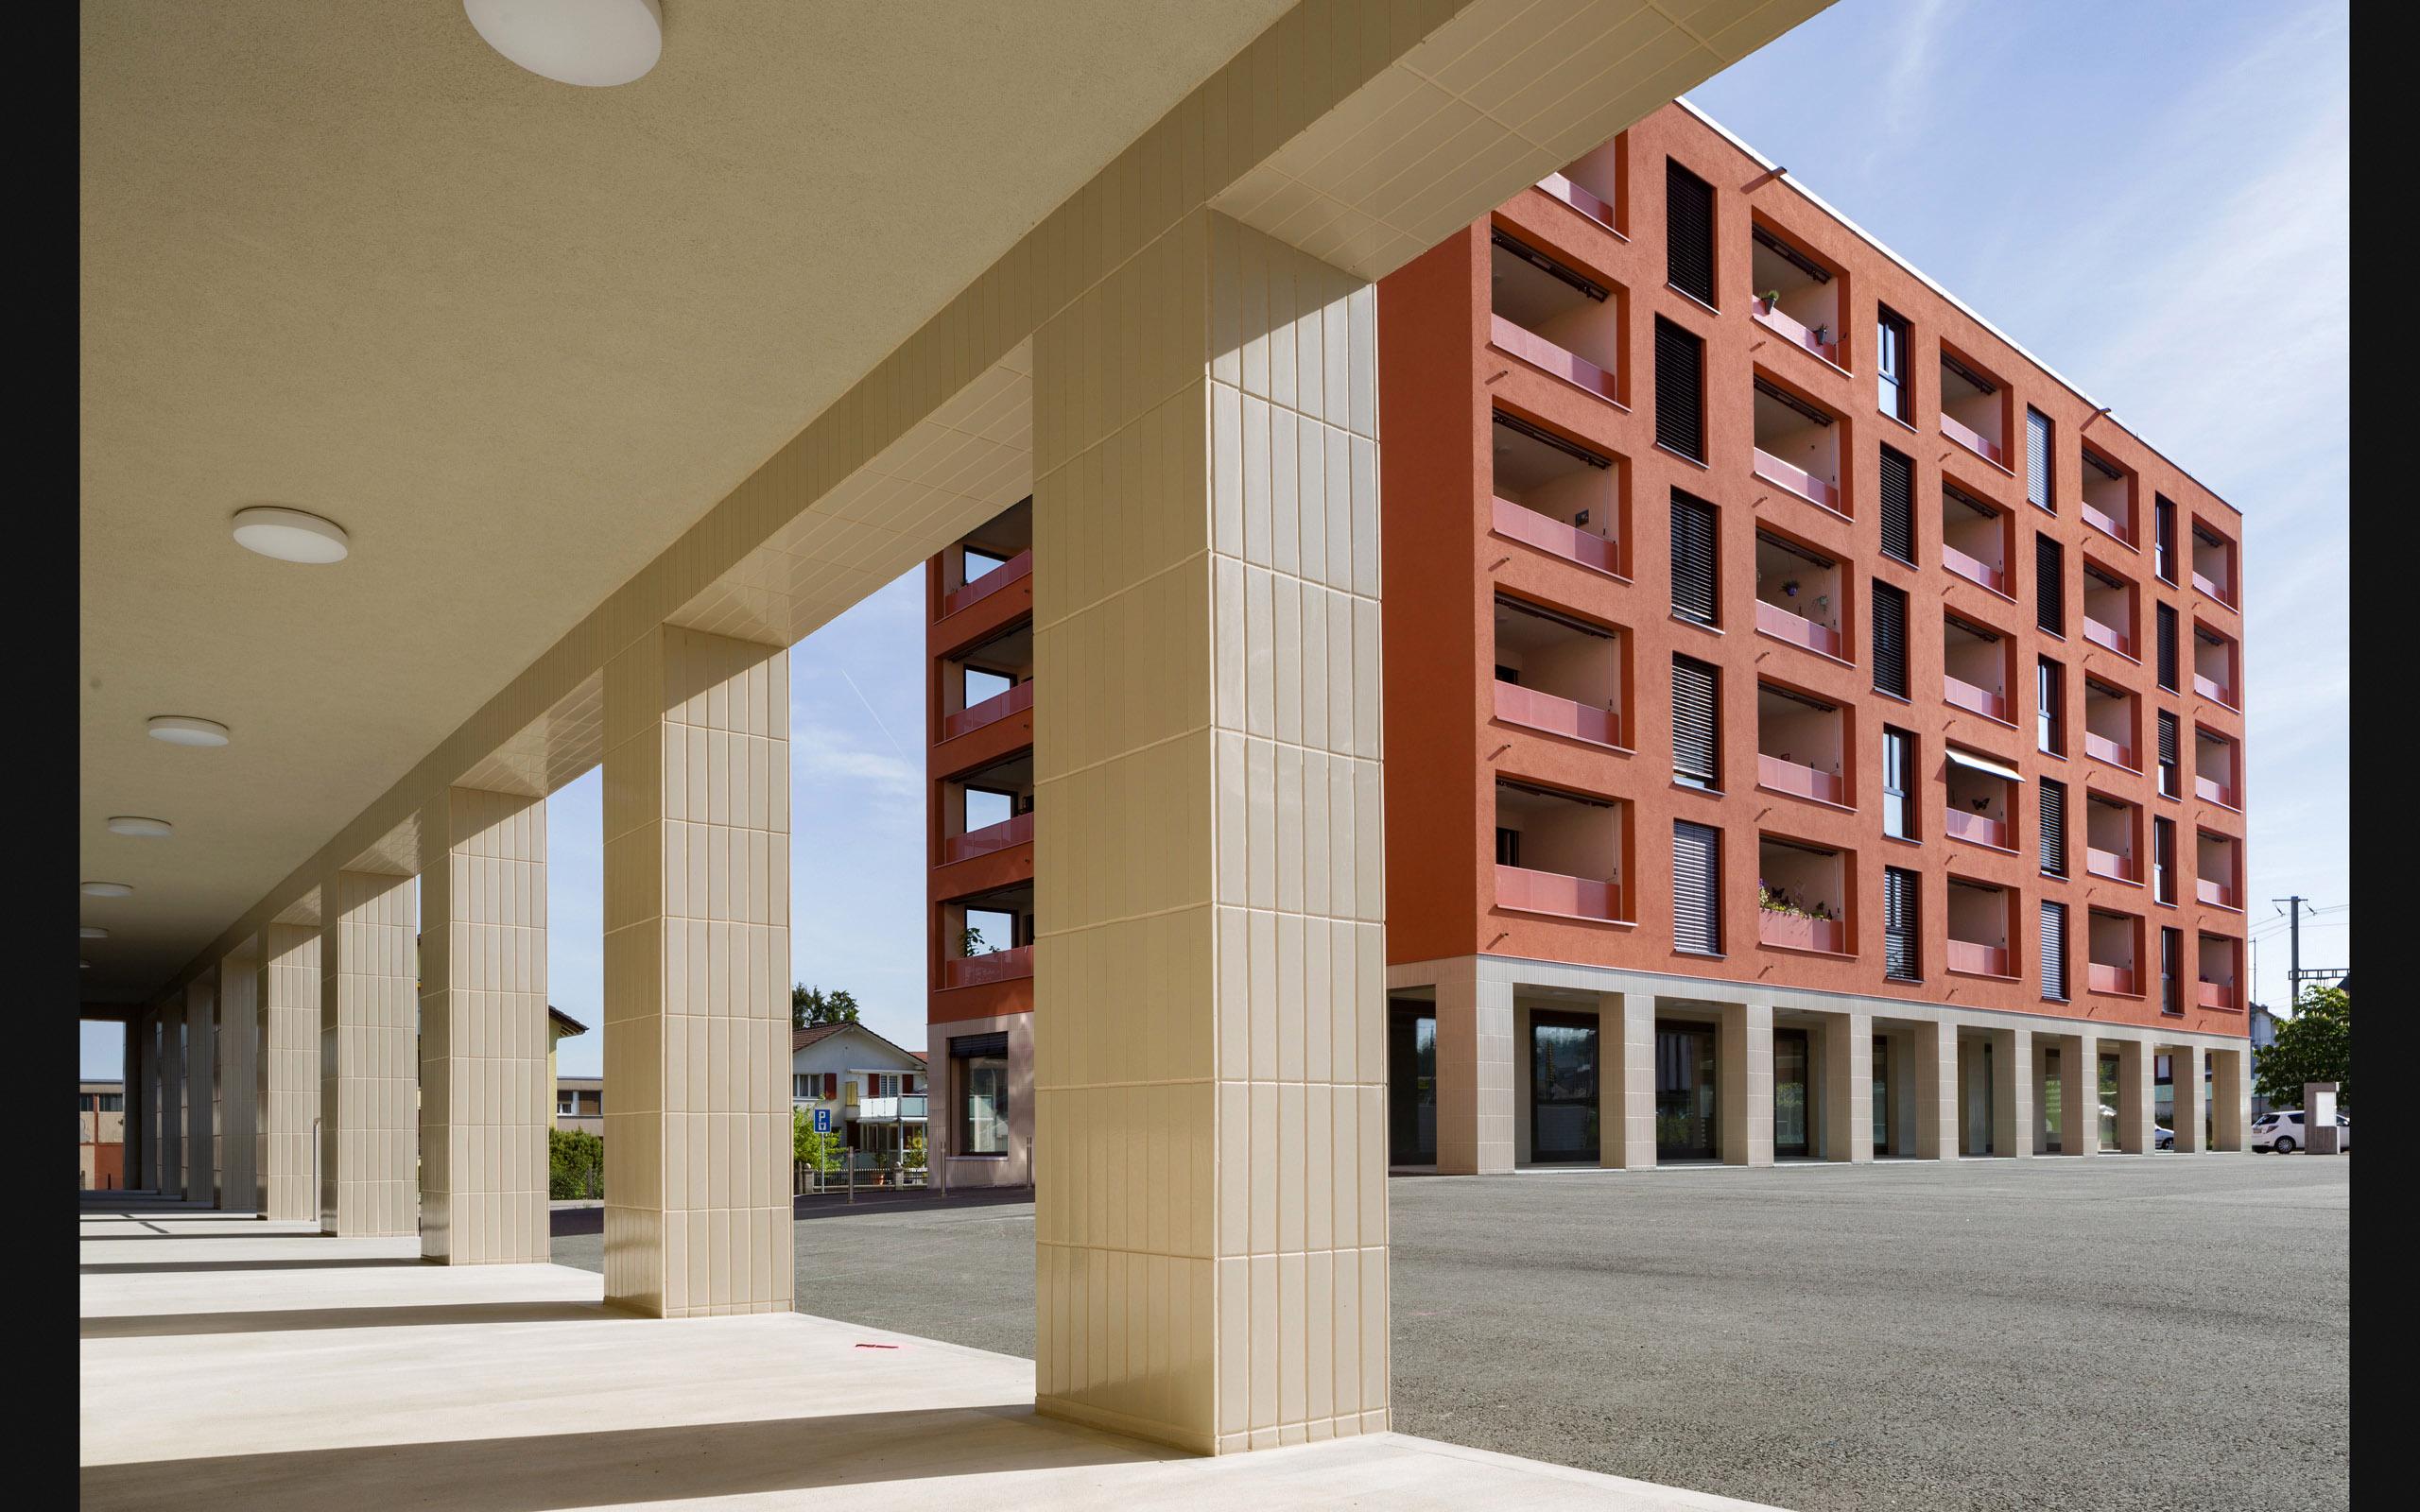 Architektur: tzarch.ch Überbauung DuedingenPlus